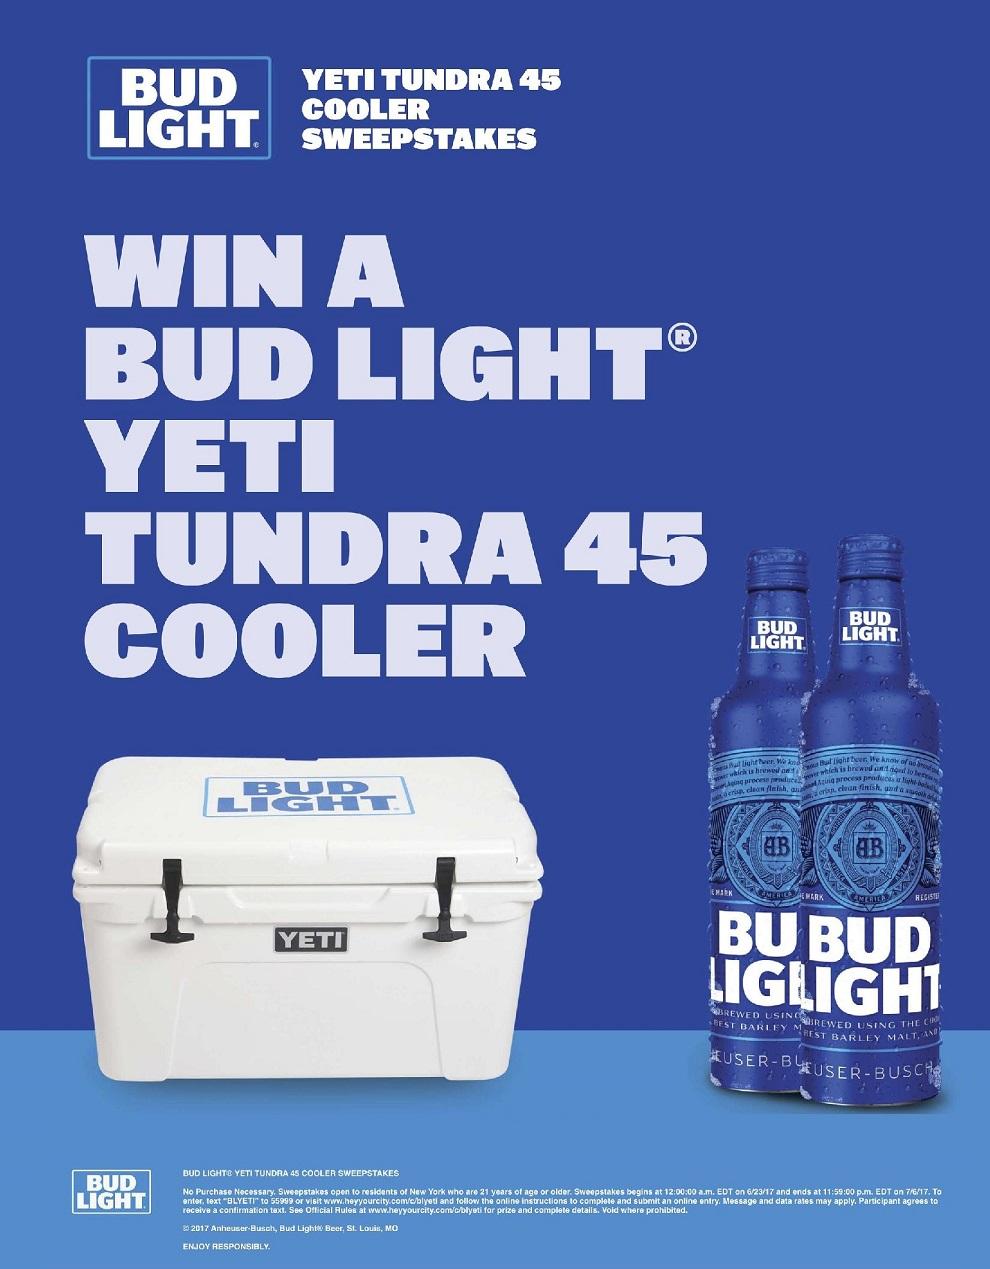 Coors light fridge giveaway sweepstakes